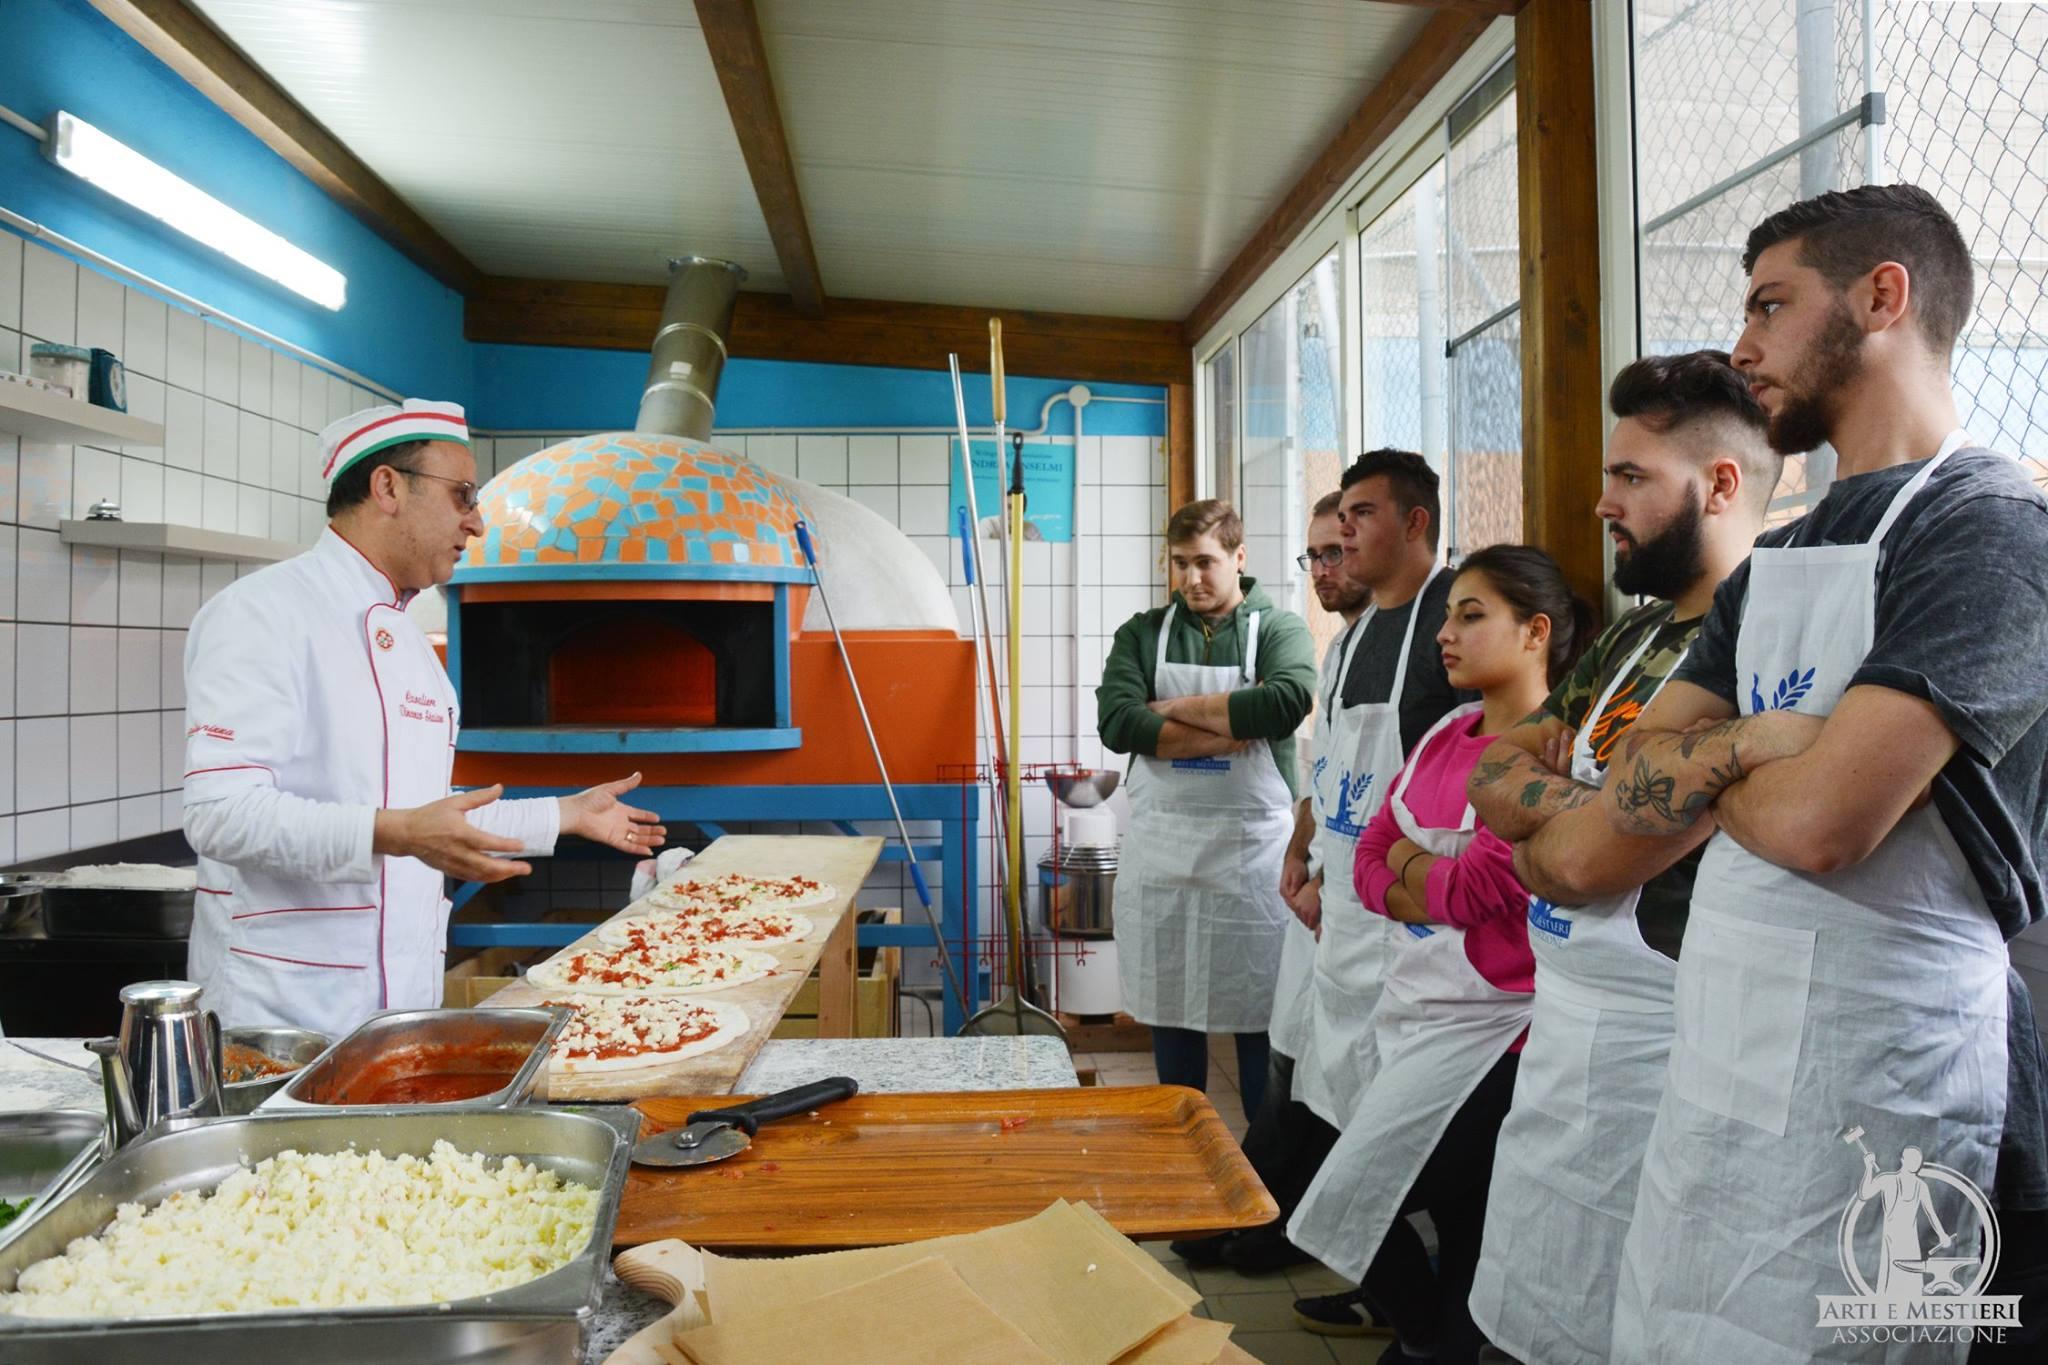 corso pizzaioli di vincenzo staiano